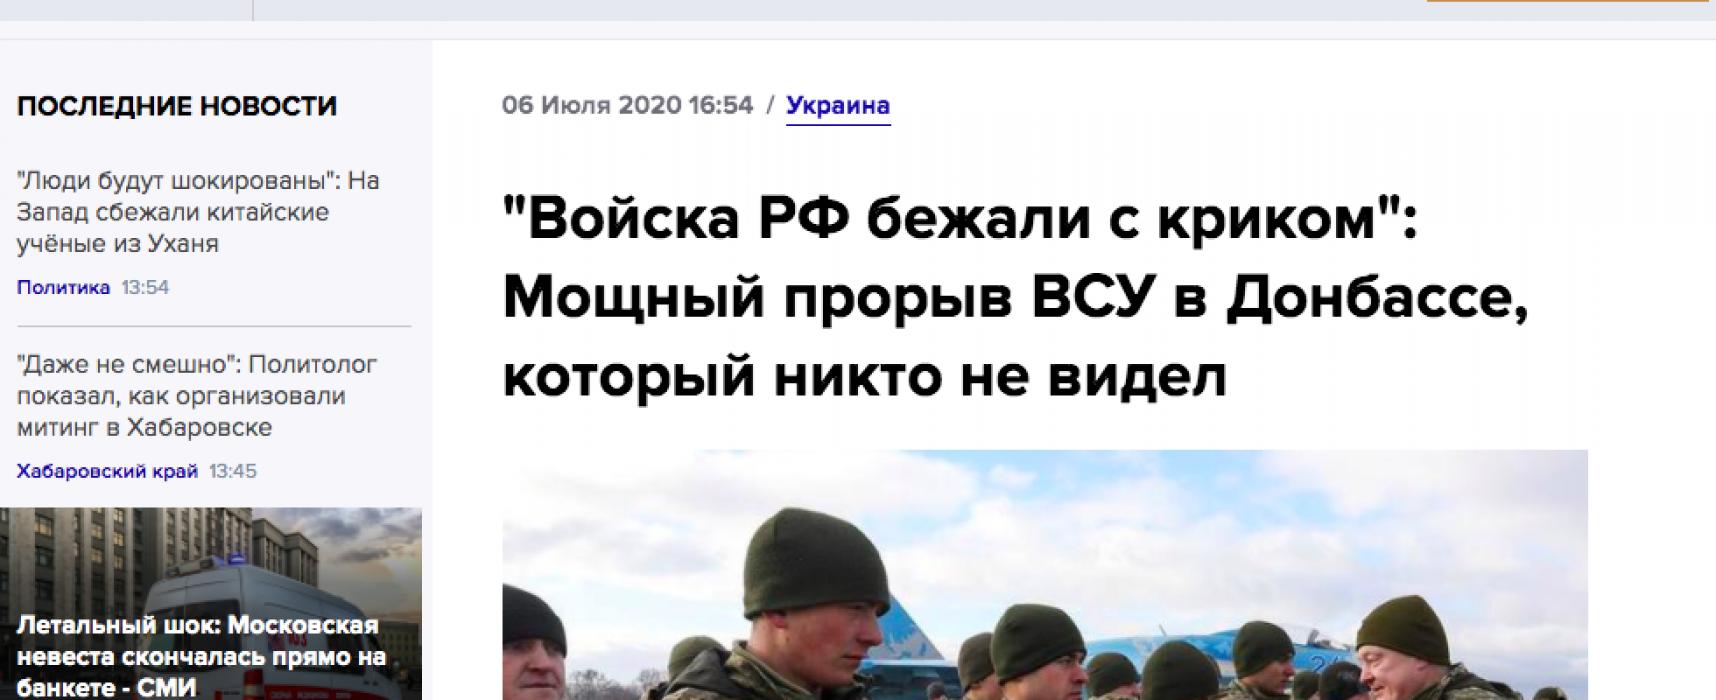 Фейк: Вооруженные силы Украины отмечают  «никем не виданную победу над Россией» в Славянске и Краматорске